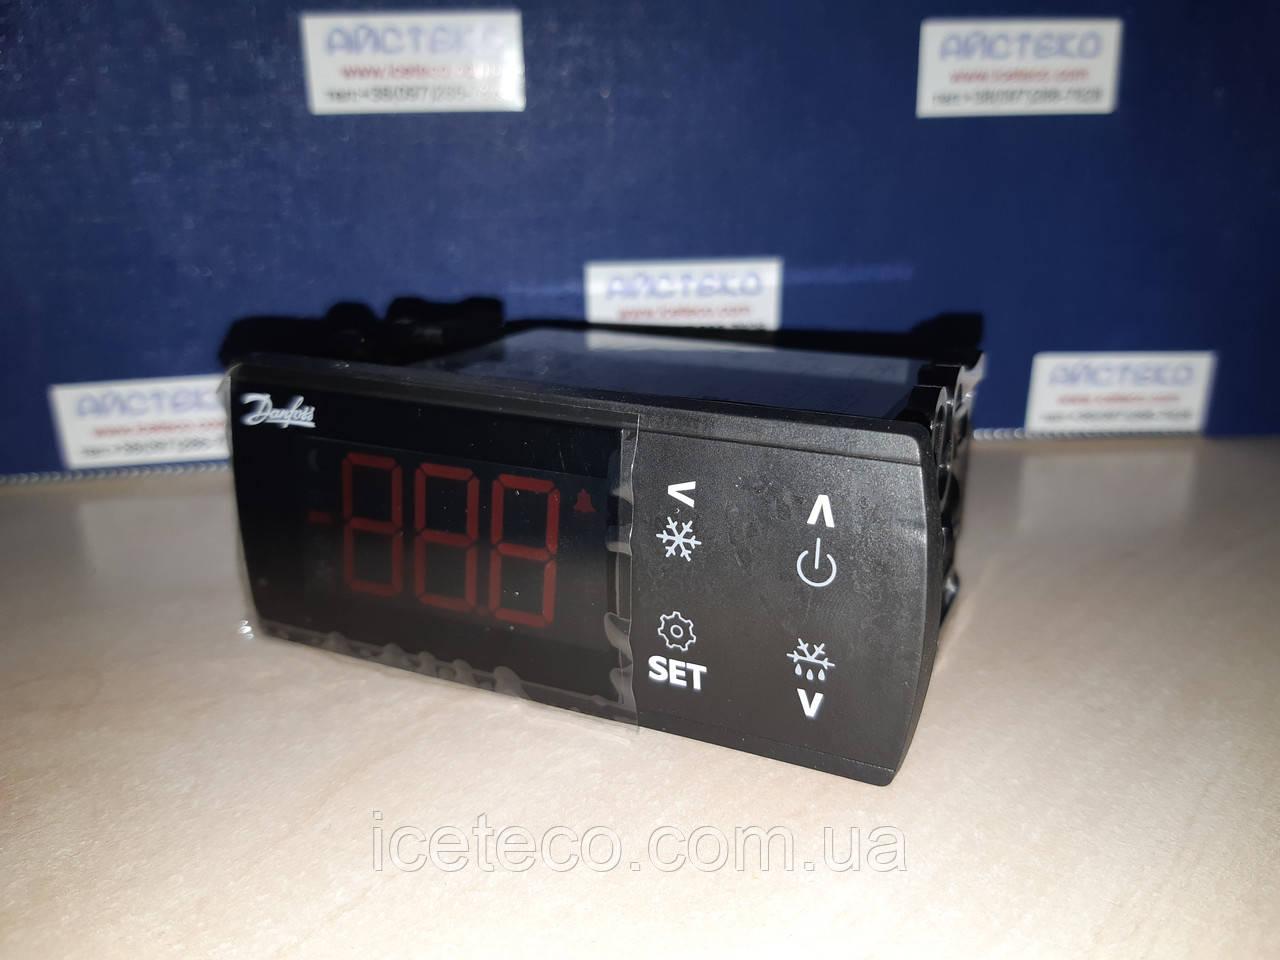 Цифровой контроллер Danfoss ERC 213 (2 датчика)